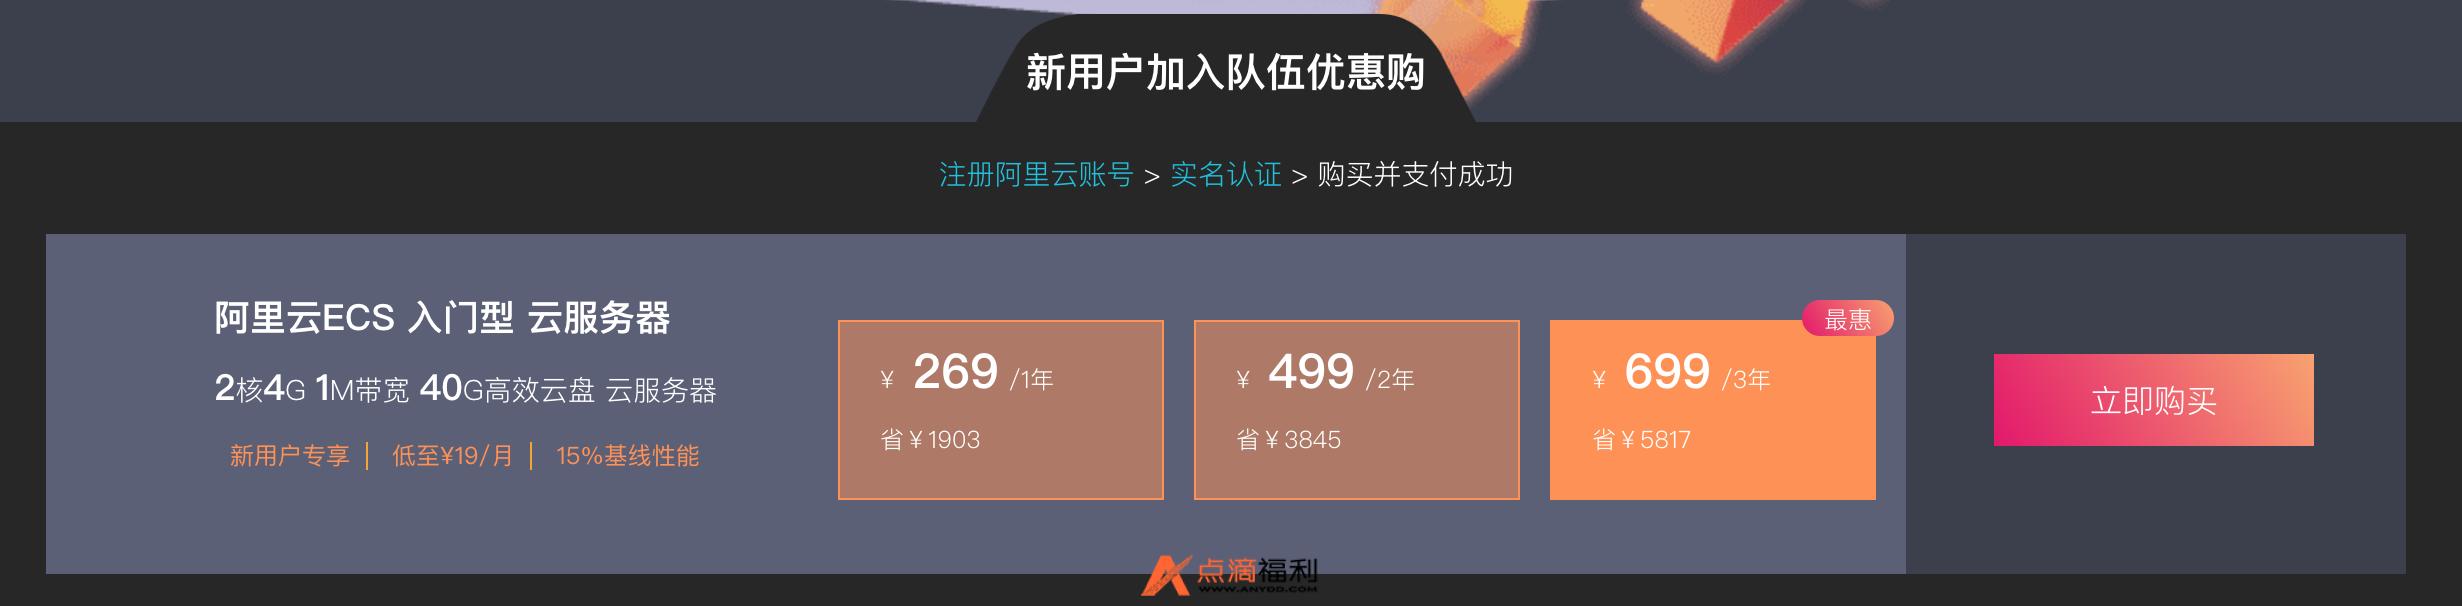 阿里云又搞事情,新用户2核4G1M服务器 269/1年 499/2年 699/3年 支持香港节点!